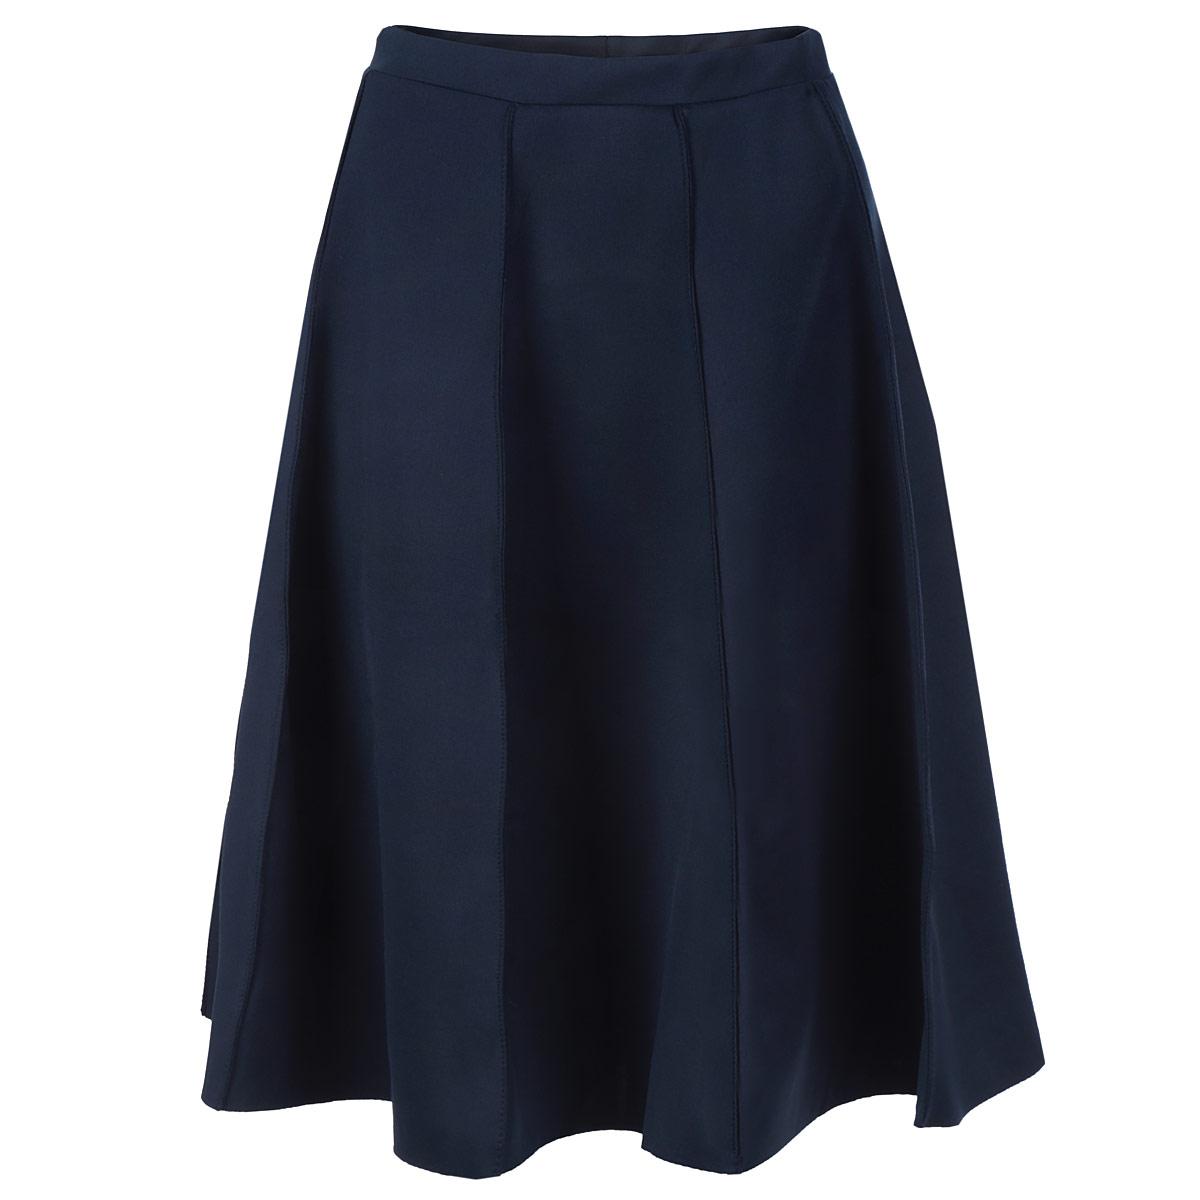 Юбка Top Secret, цвет: темно-синий. SSD0783GR34[E]. Размер 34 (40)SSD0783GRСтильная юбка Top Secret длины миди изготовлена из плотного полиэстера. Юбка расклешенного кроя. На поясе - эластичная резинка. Эта модная и в тоже время комфортная юбка - отличный вариант на каждый день.